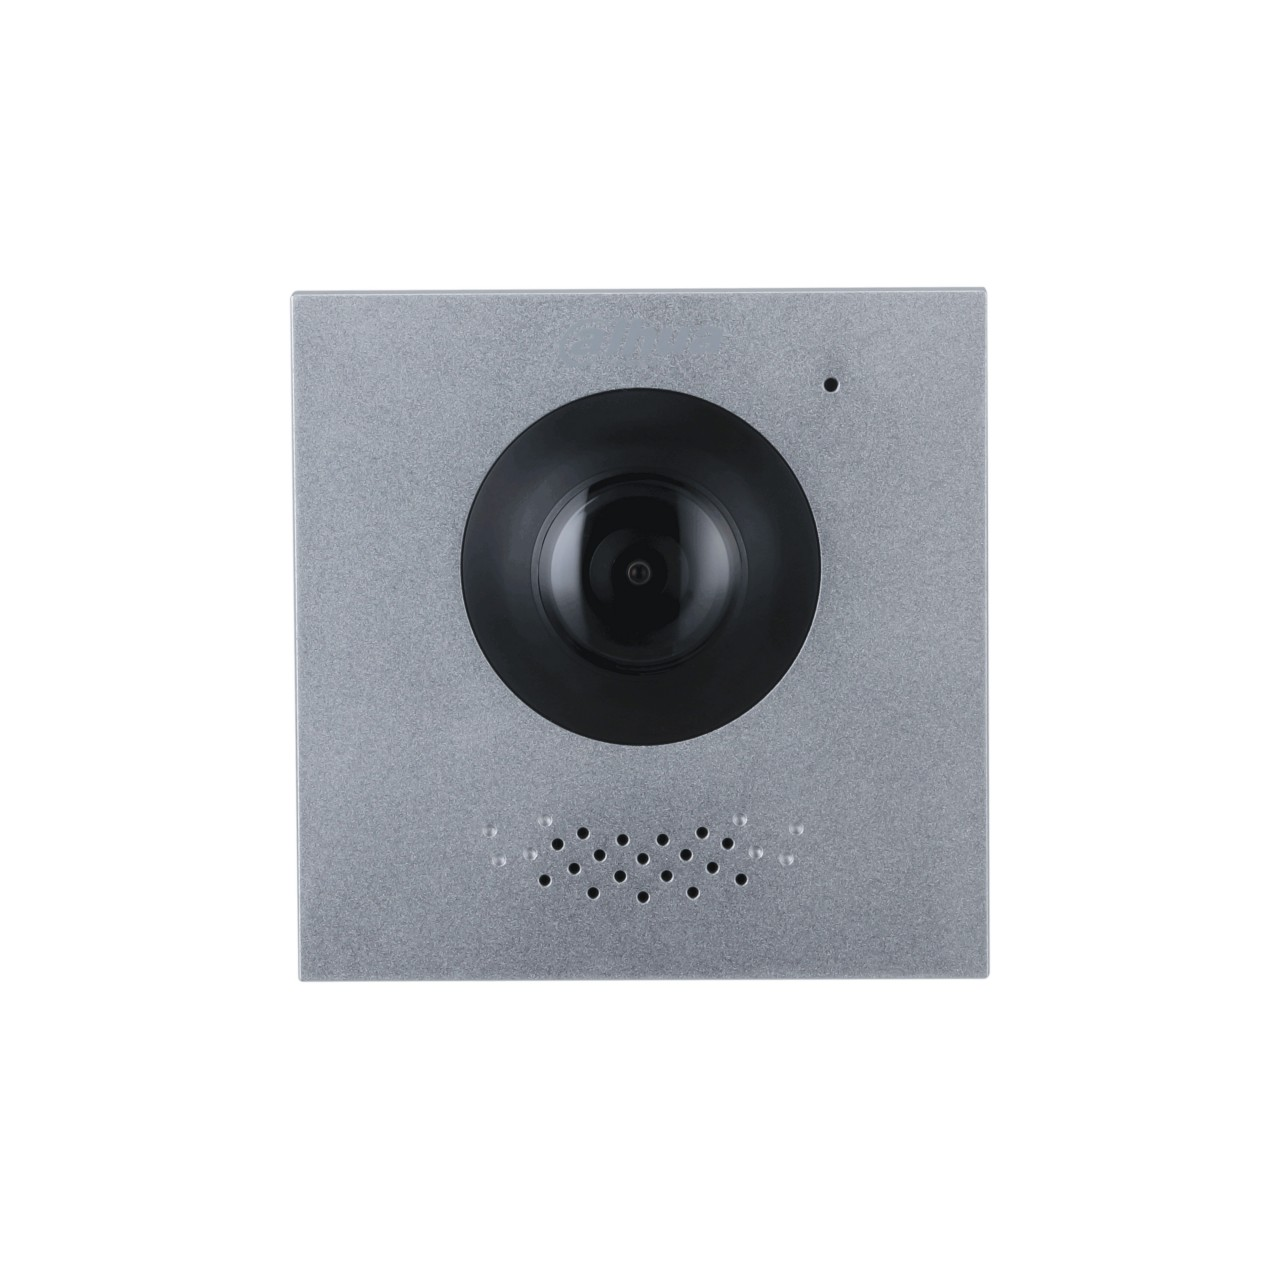 TURM IP Video Türsprechanlage, 2-Draht-BUS und PoE Hauptmodul mit 2 MP Kamera und 160° Blickwinkel